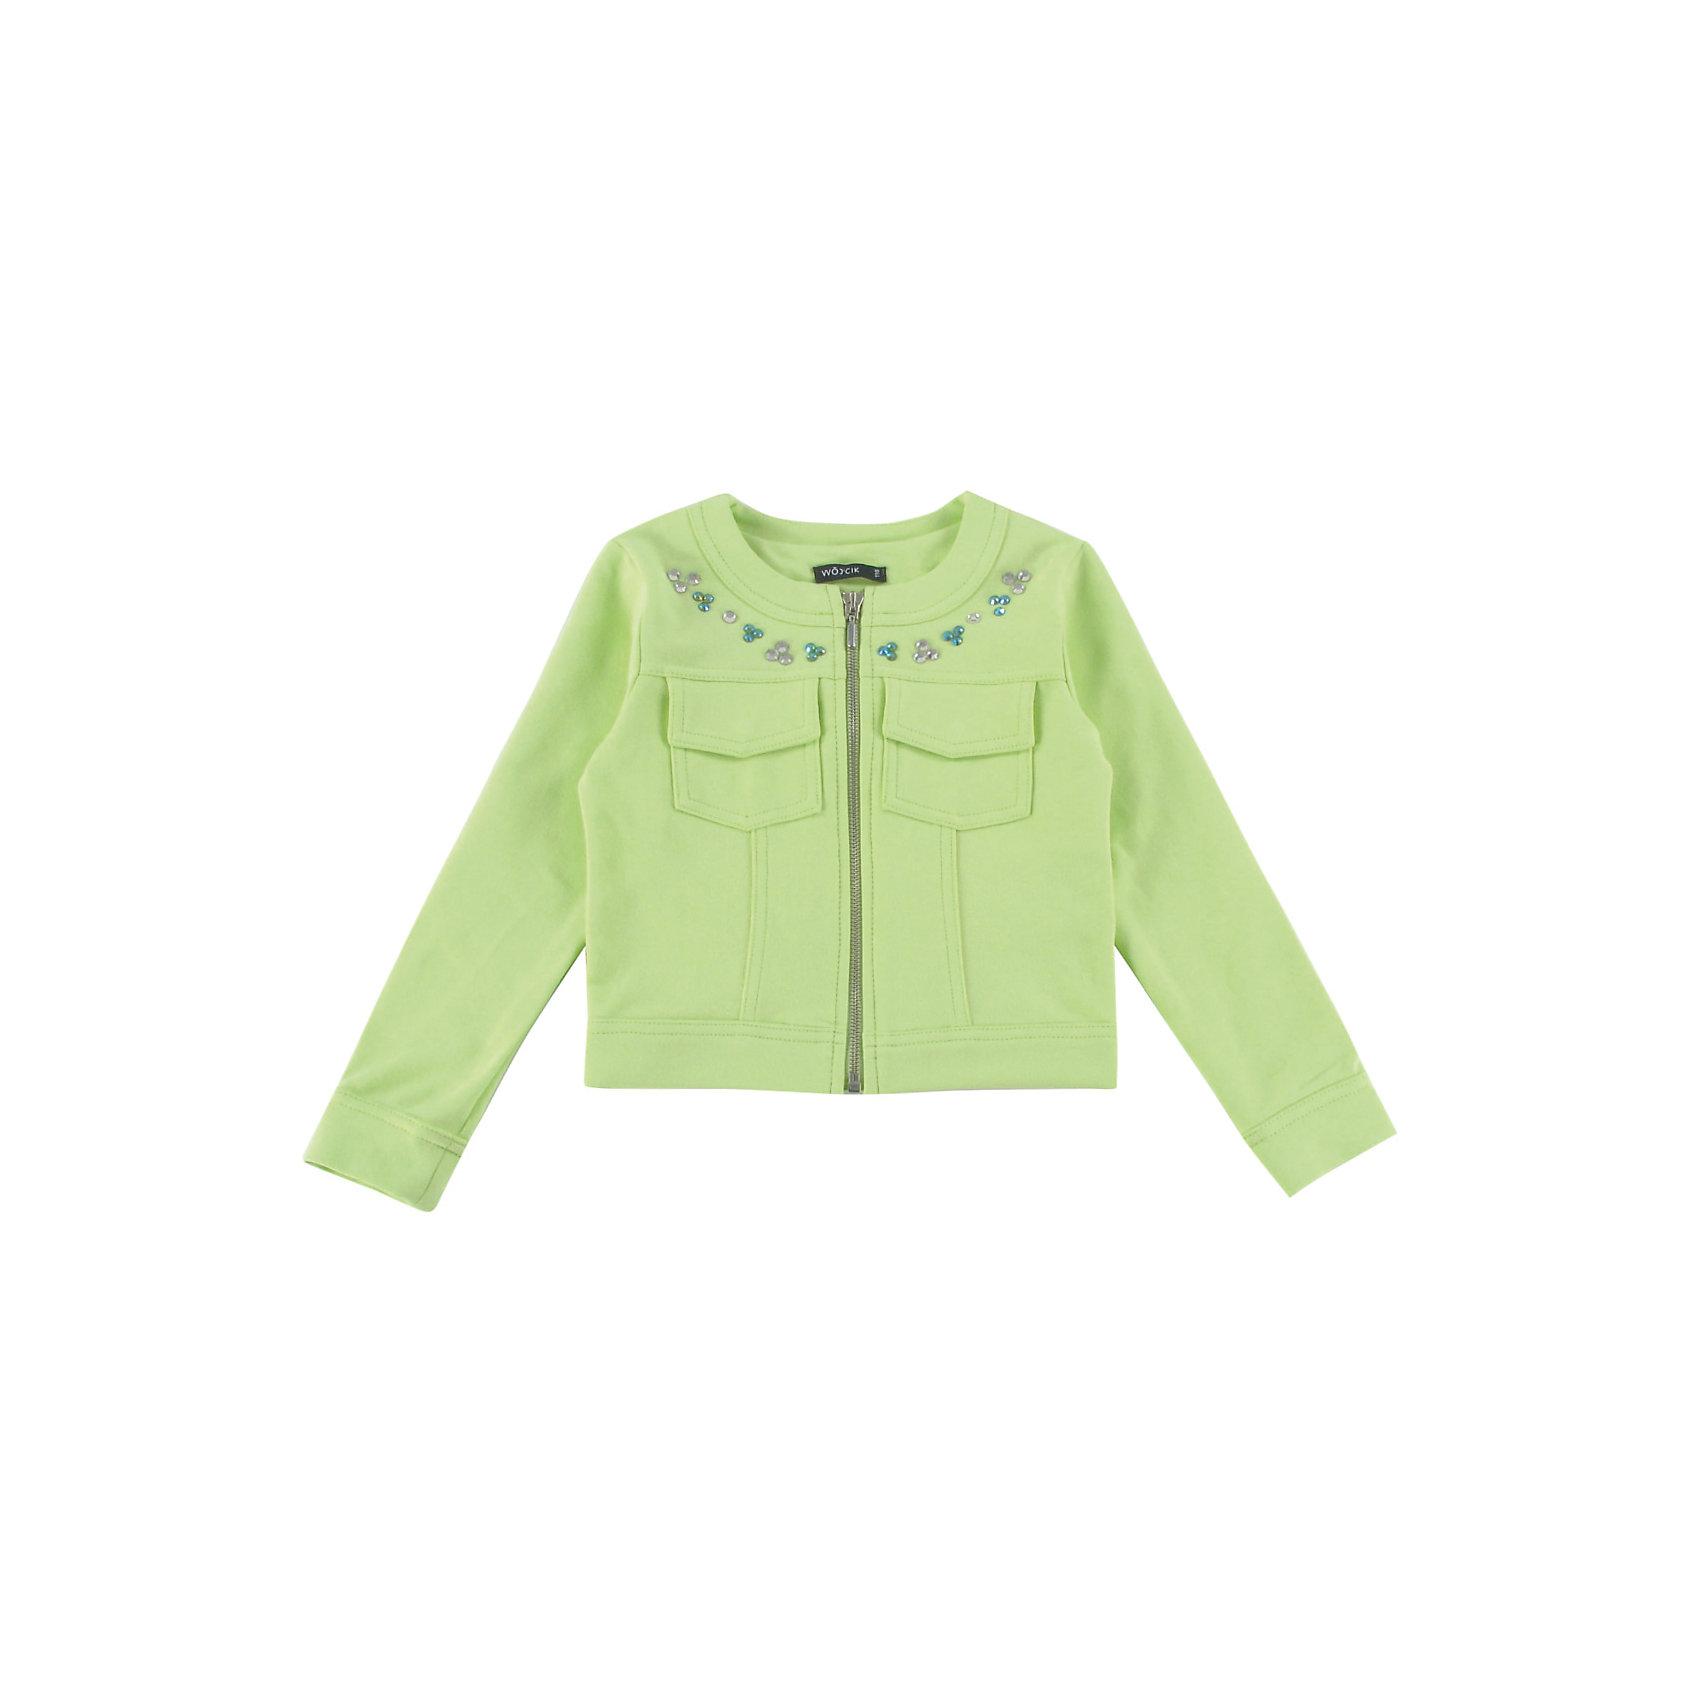 Куртка для девочки WojcikВерхняя одежда<br>Куртка для девочки Wojcik<br>Состав:<br>Хлопок 97% Эластан 3%<br><br>Ширина мм: 356<br>Глубина мм: 10<br>Высота мм: 245<br>Вес г: 519<br>Цвет: зеленый<br>Возраст от месяцев: 72<br>Возраст до месяцев: 84<br>Пол: Женский<br>Возраст: Детский<br>Размер: 122,116<br>SKU: 5588594